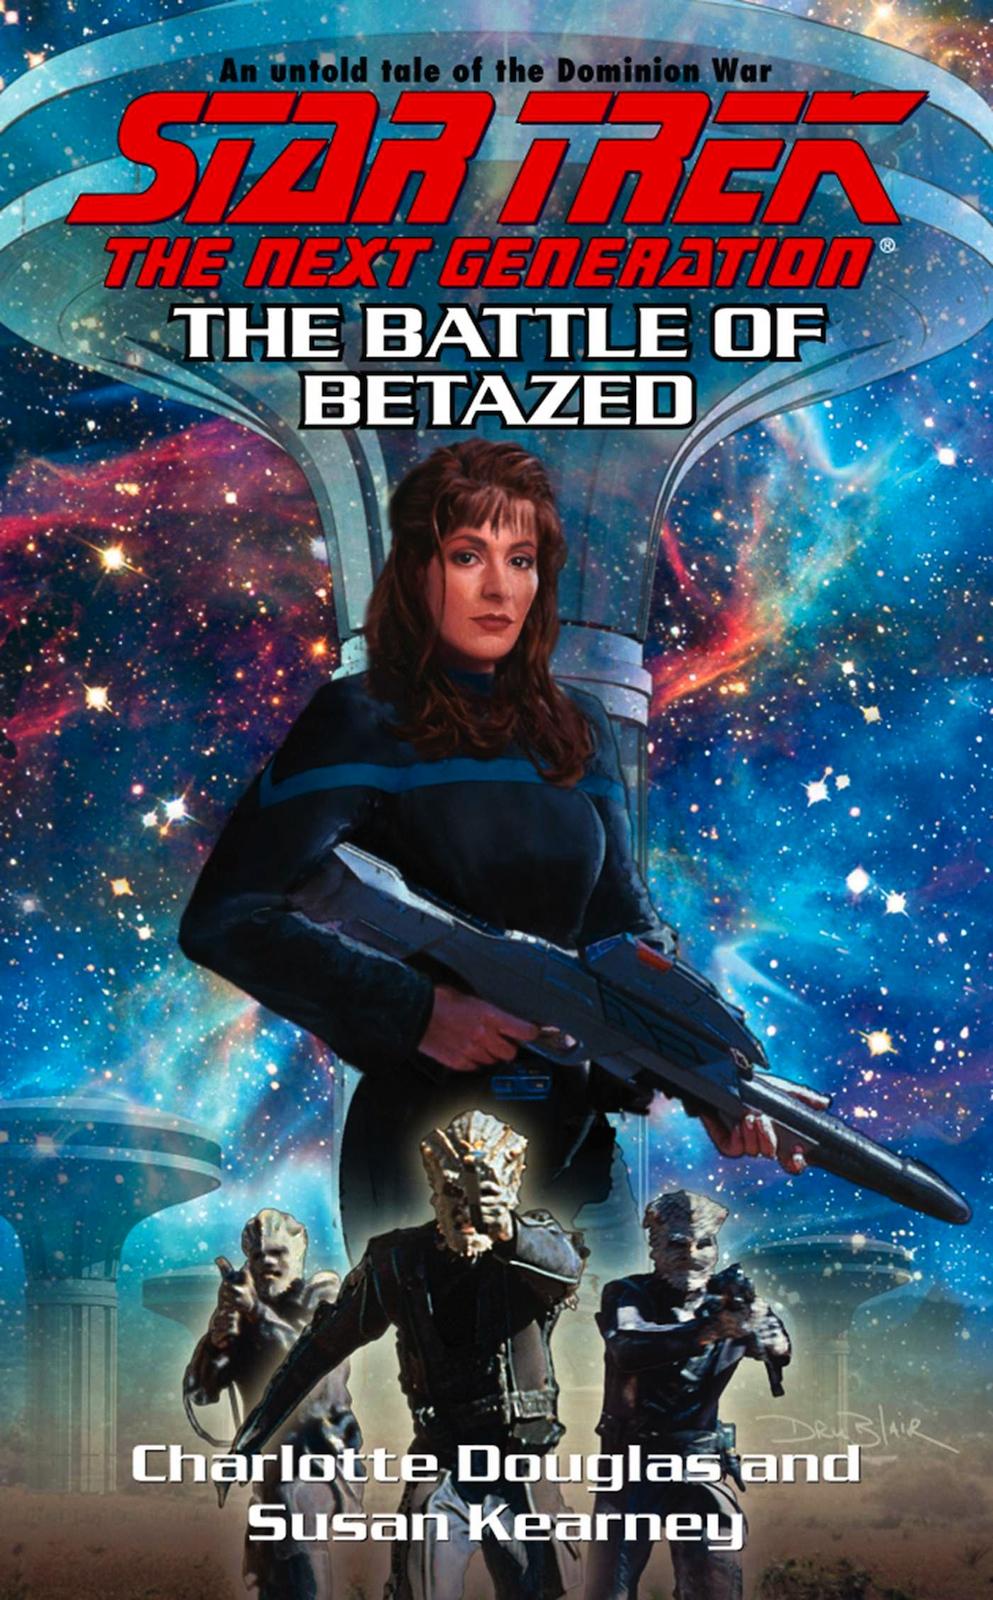 File:TheBattleofBetazed cover.jpg.jpg